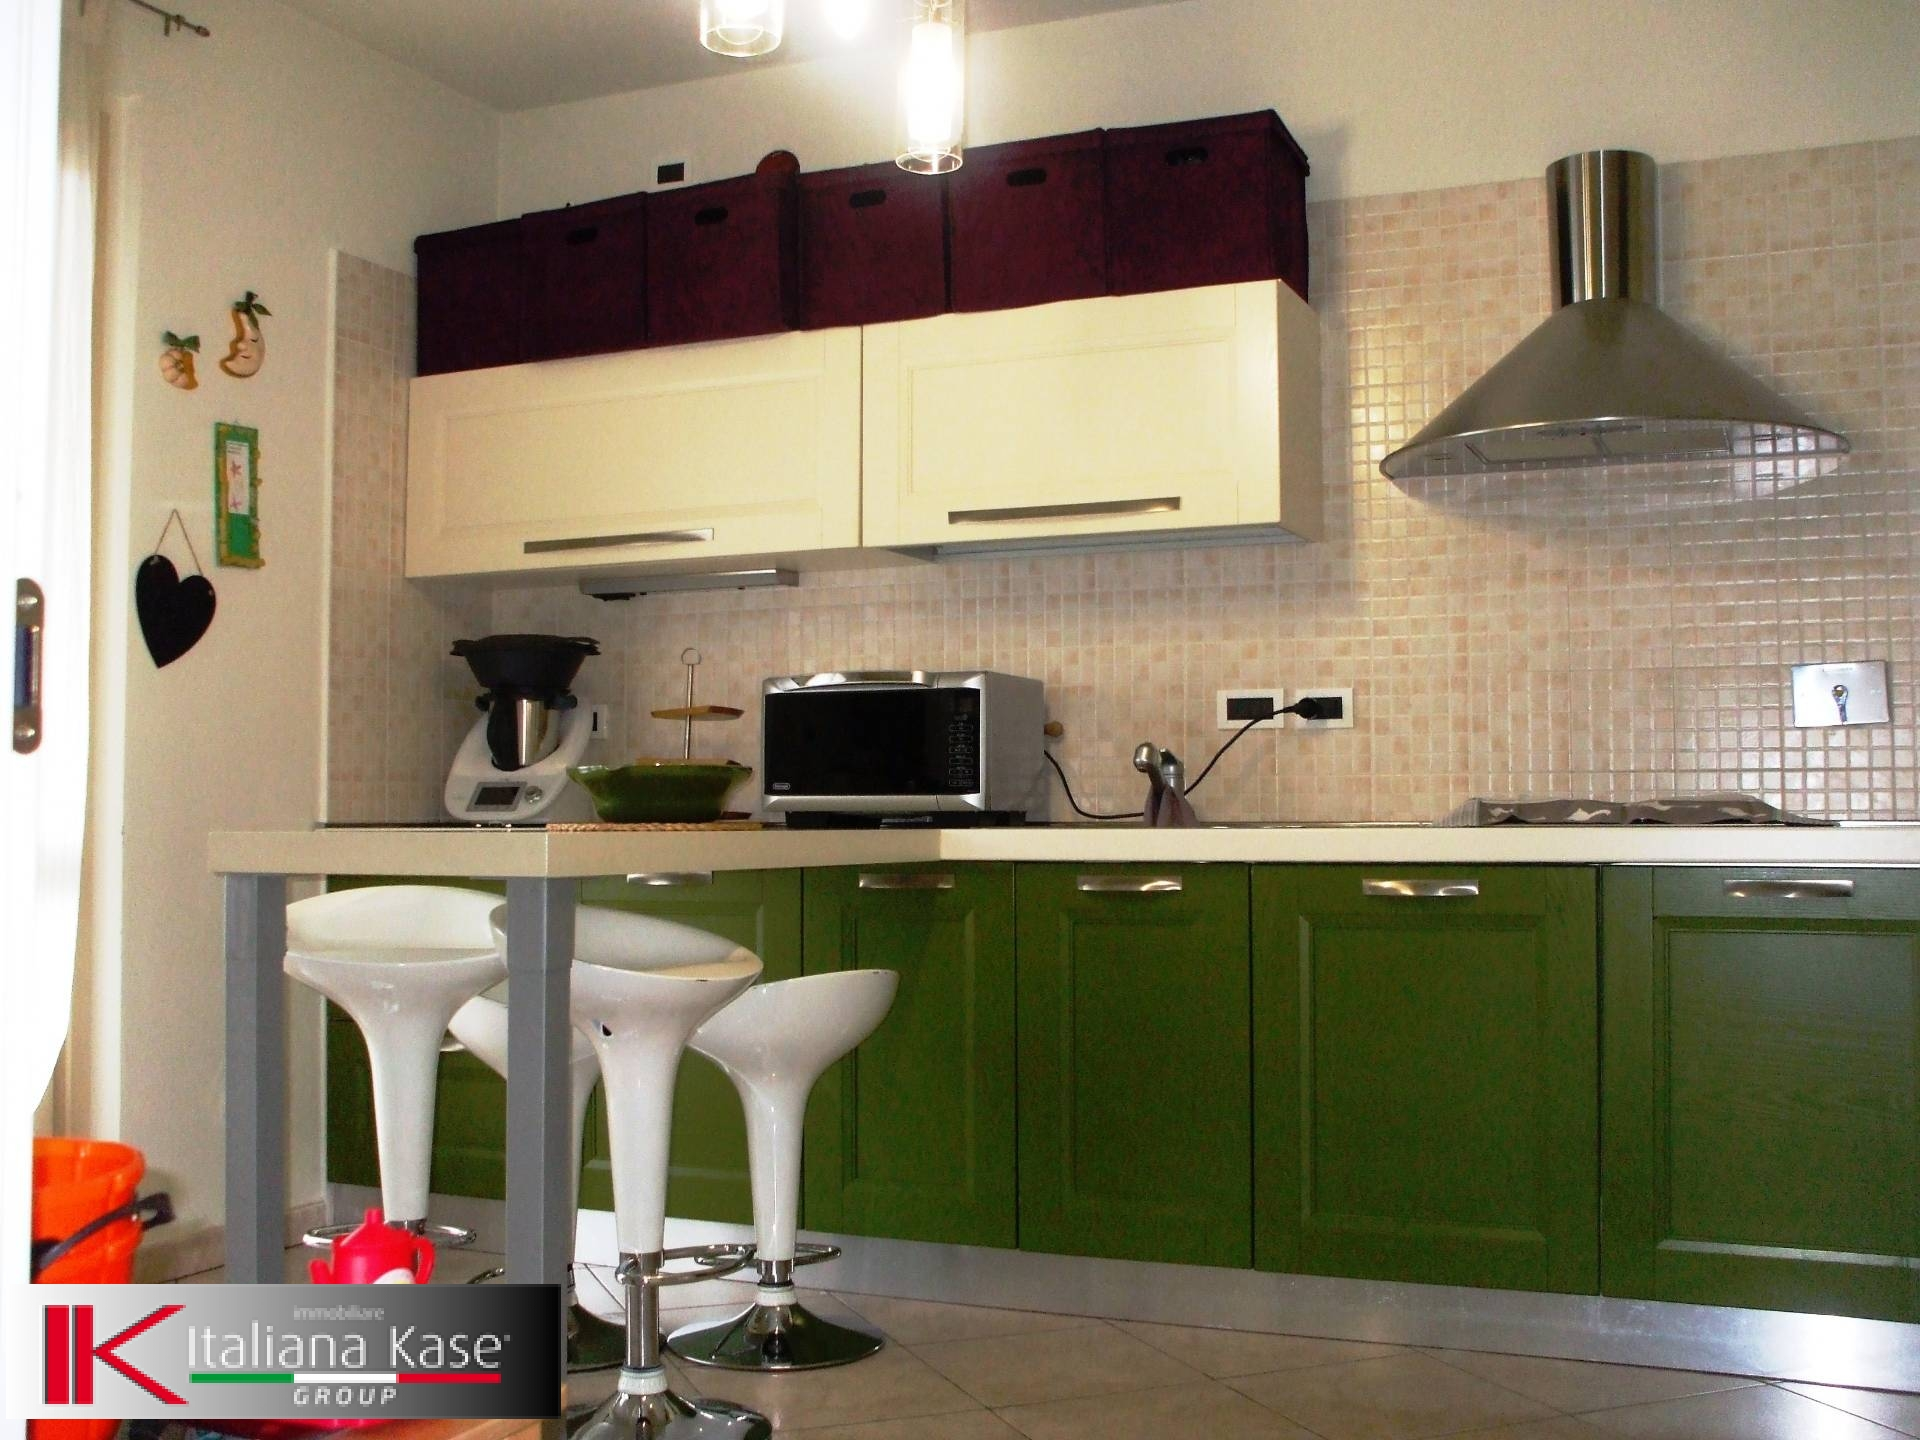 Appartamento in vendita a Gassino Torinese, 5 locali, zona Località: GassinoTorinese, prezzo € 280.000 | Cambio Casa.it